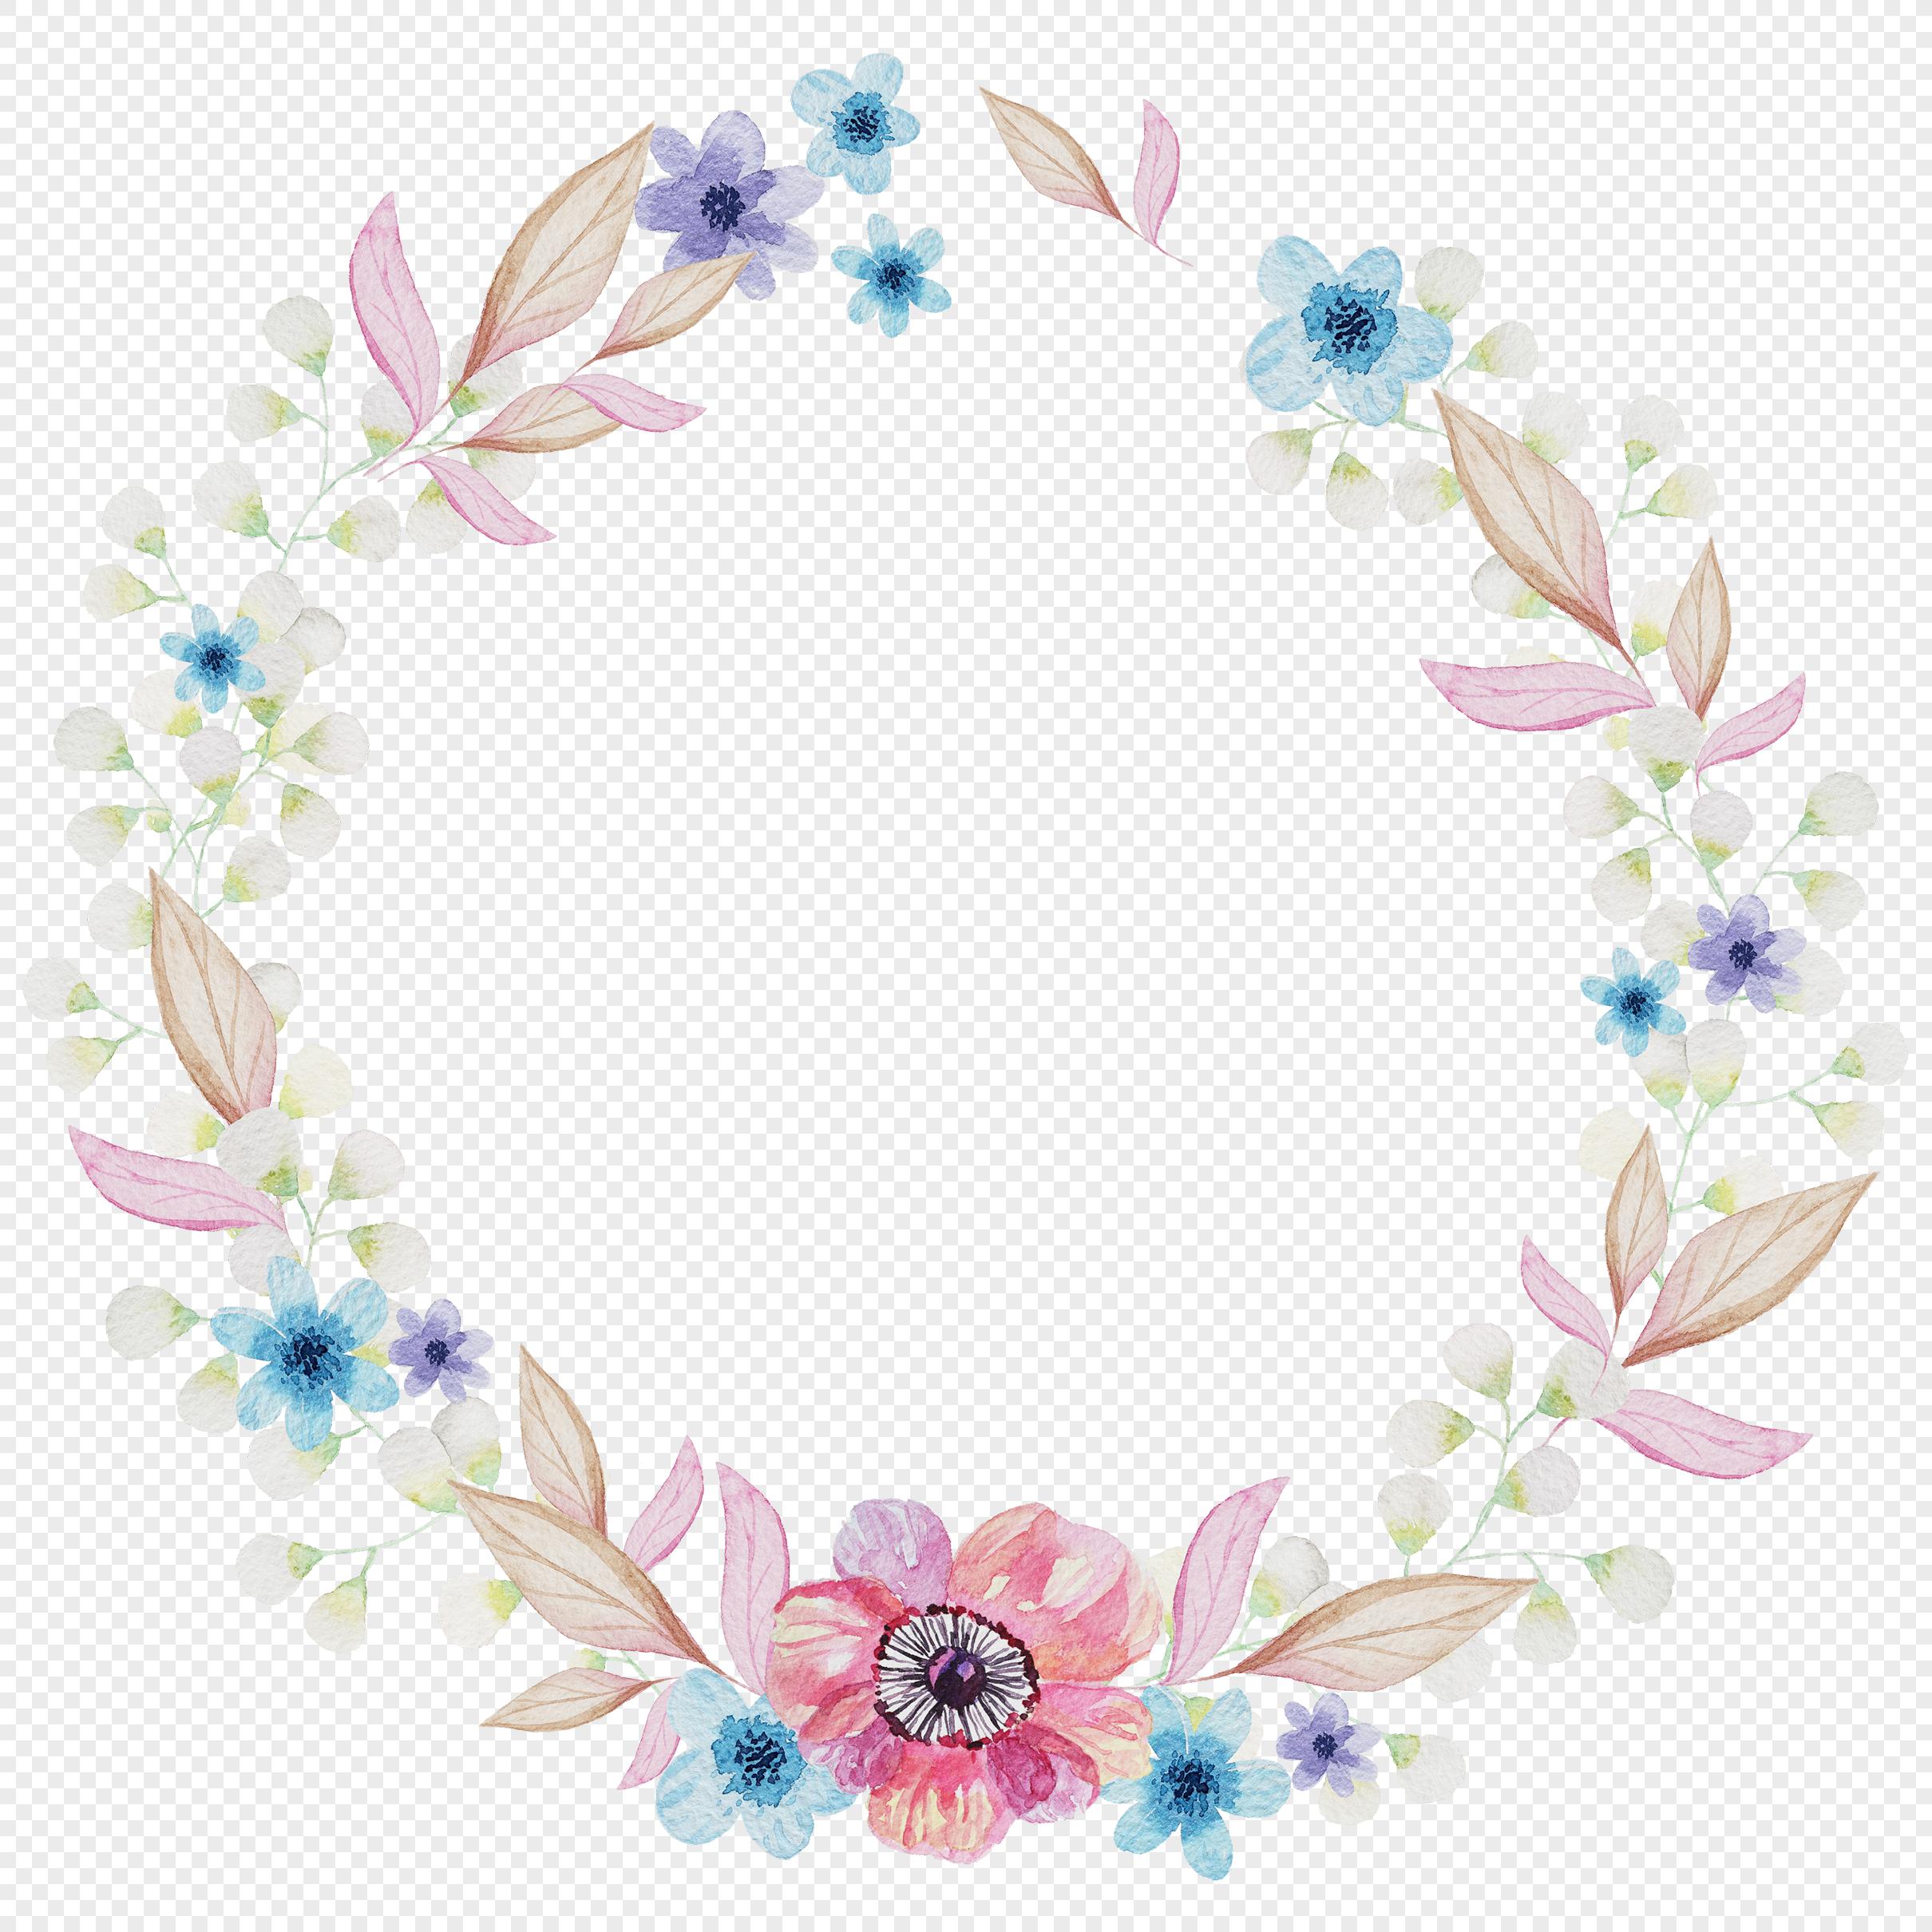 花卉植物元素 手绘花环.psd